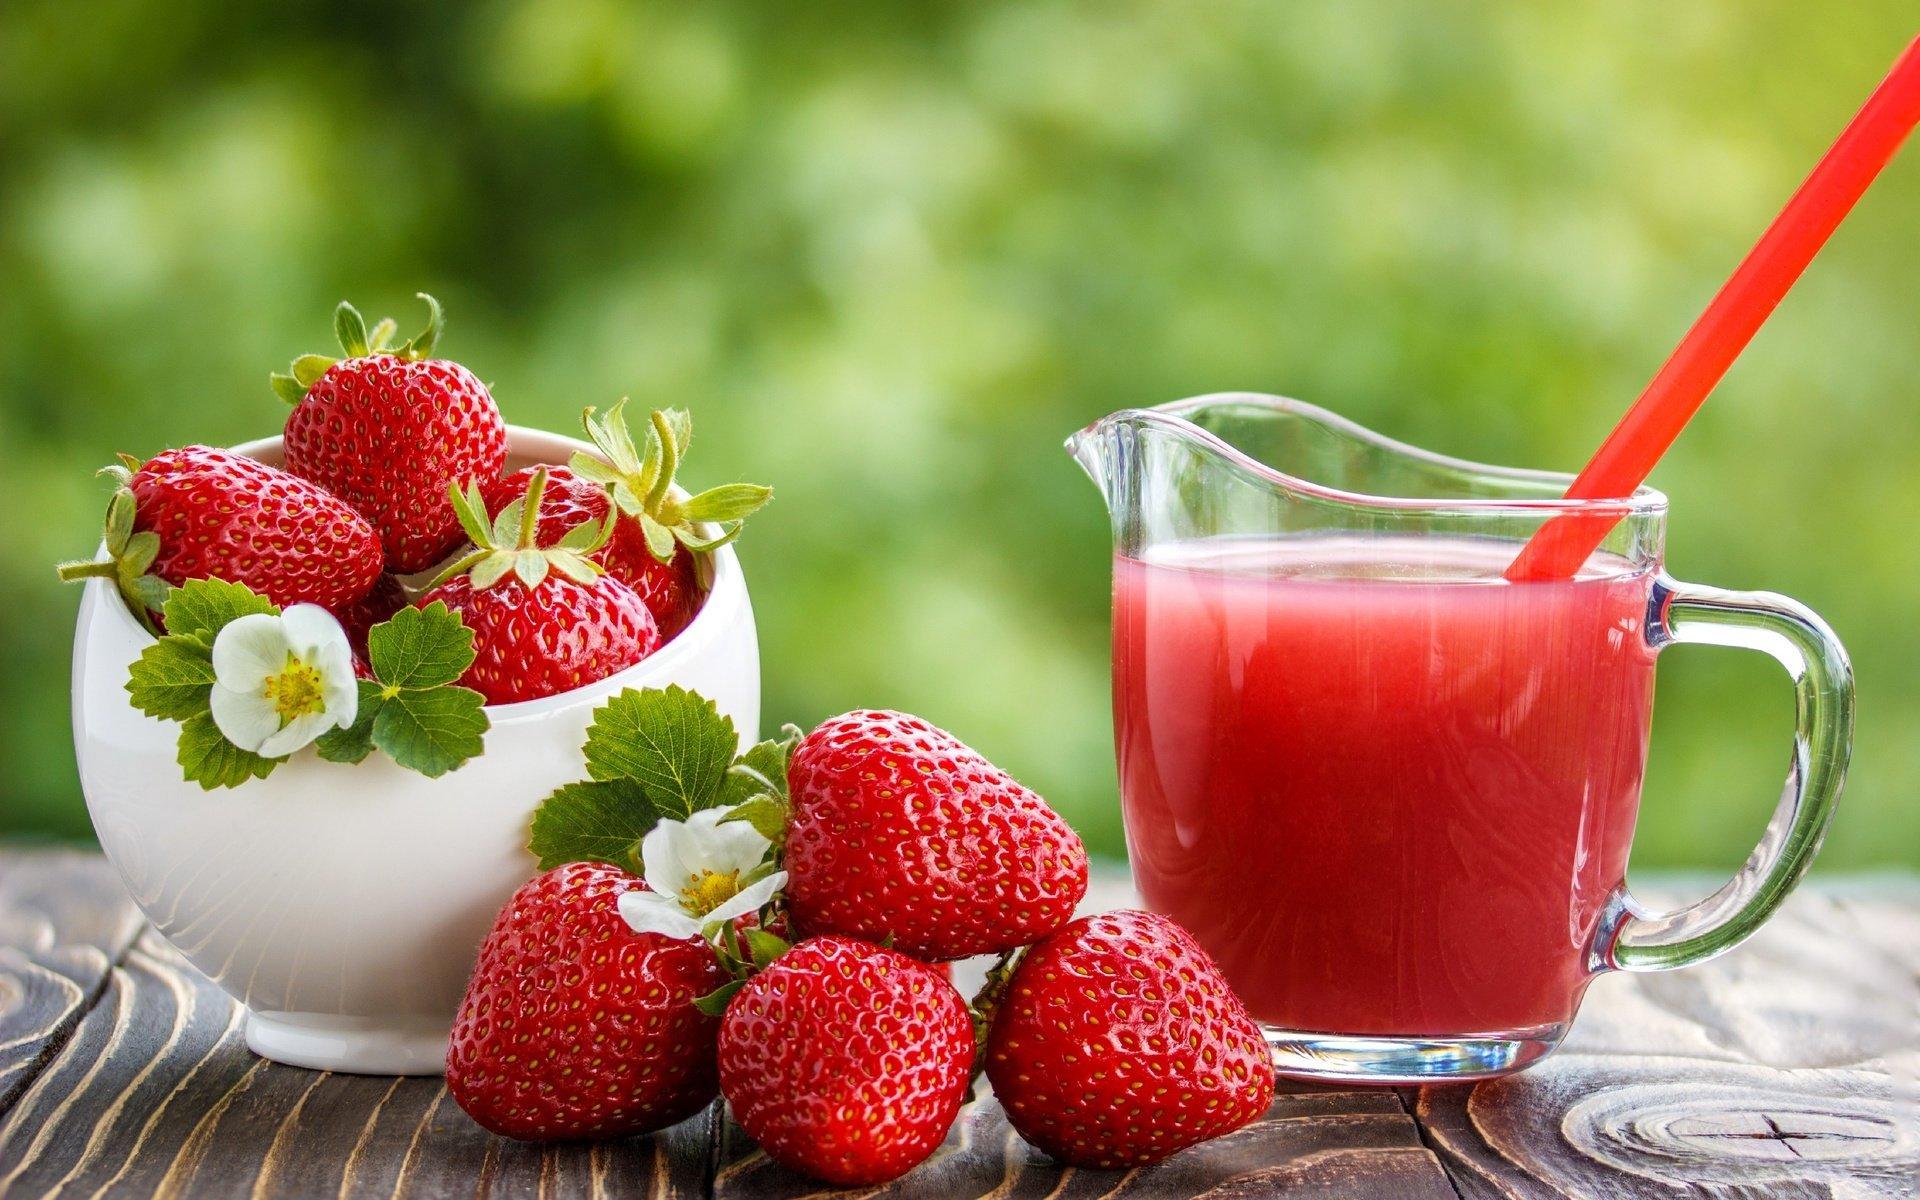 وصفة عصير الفراولة والموز المثلج